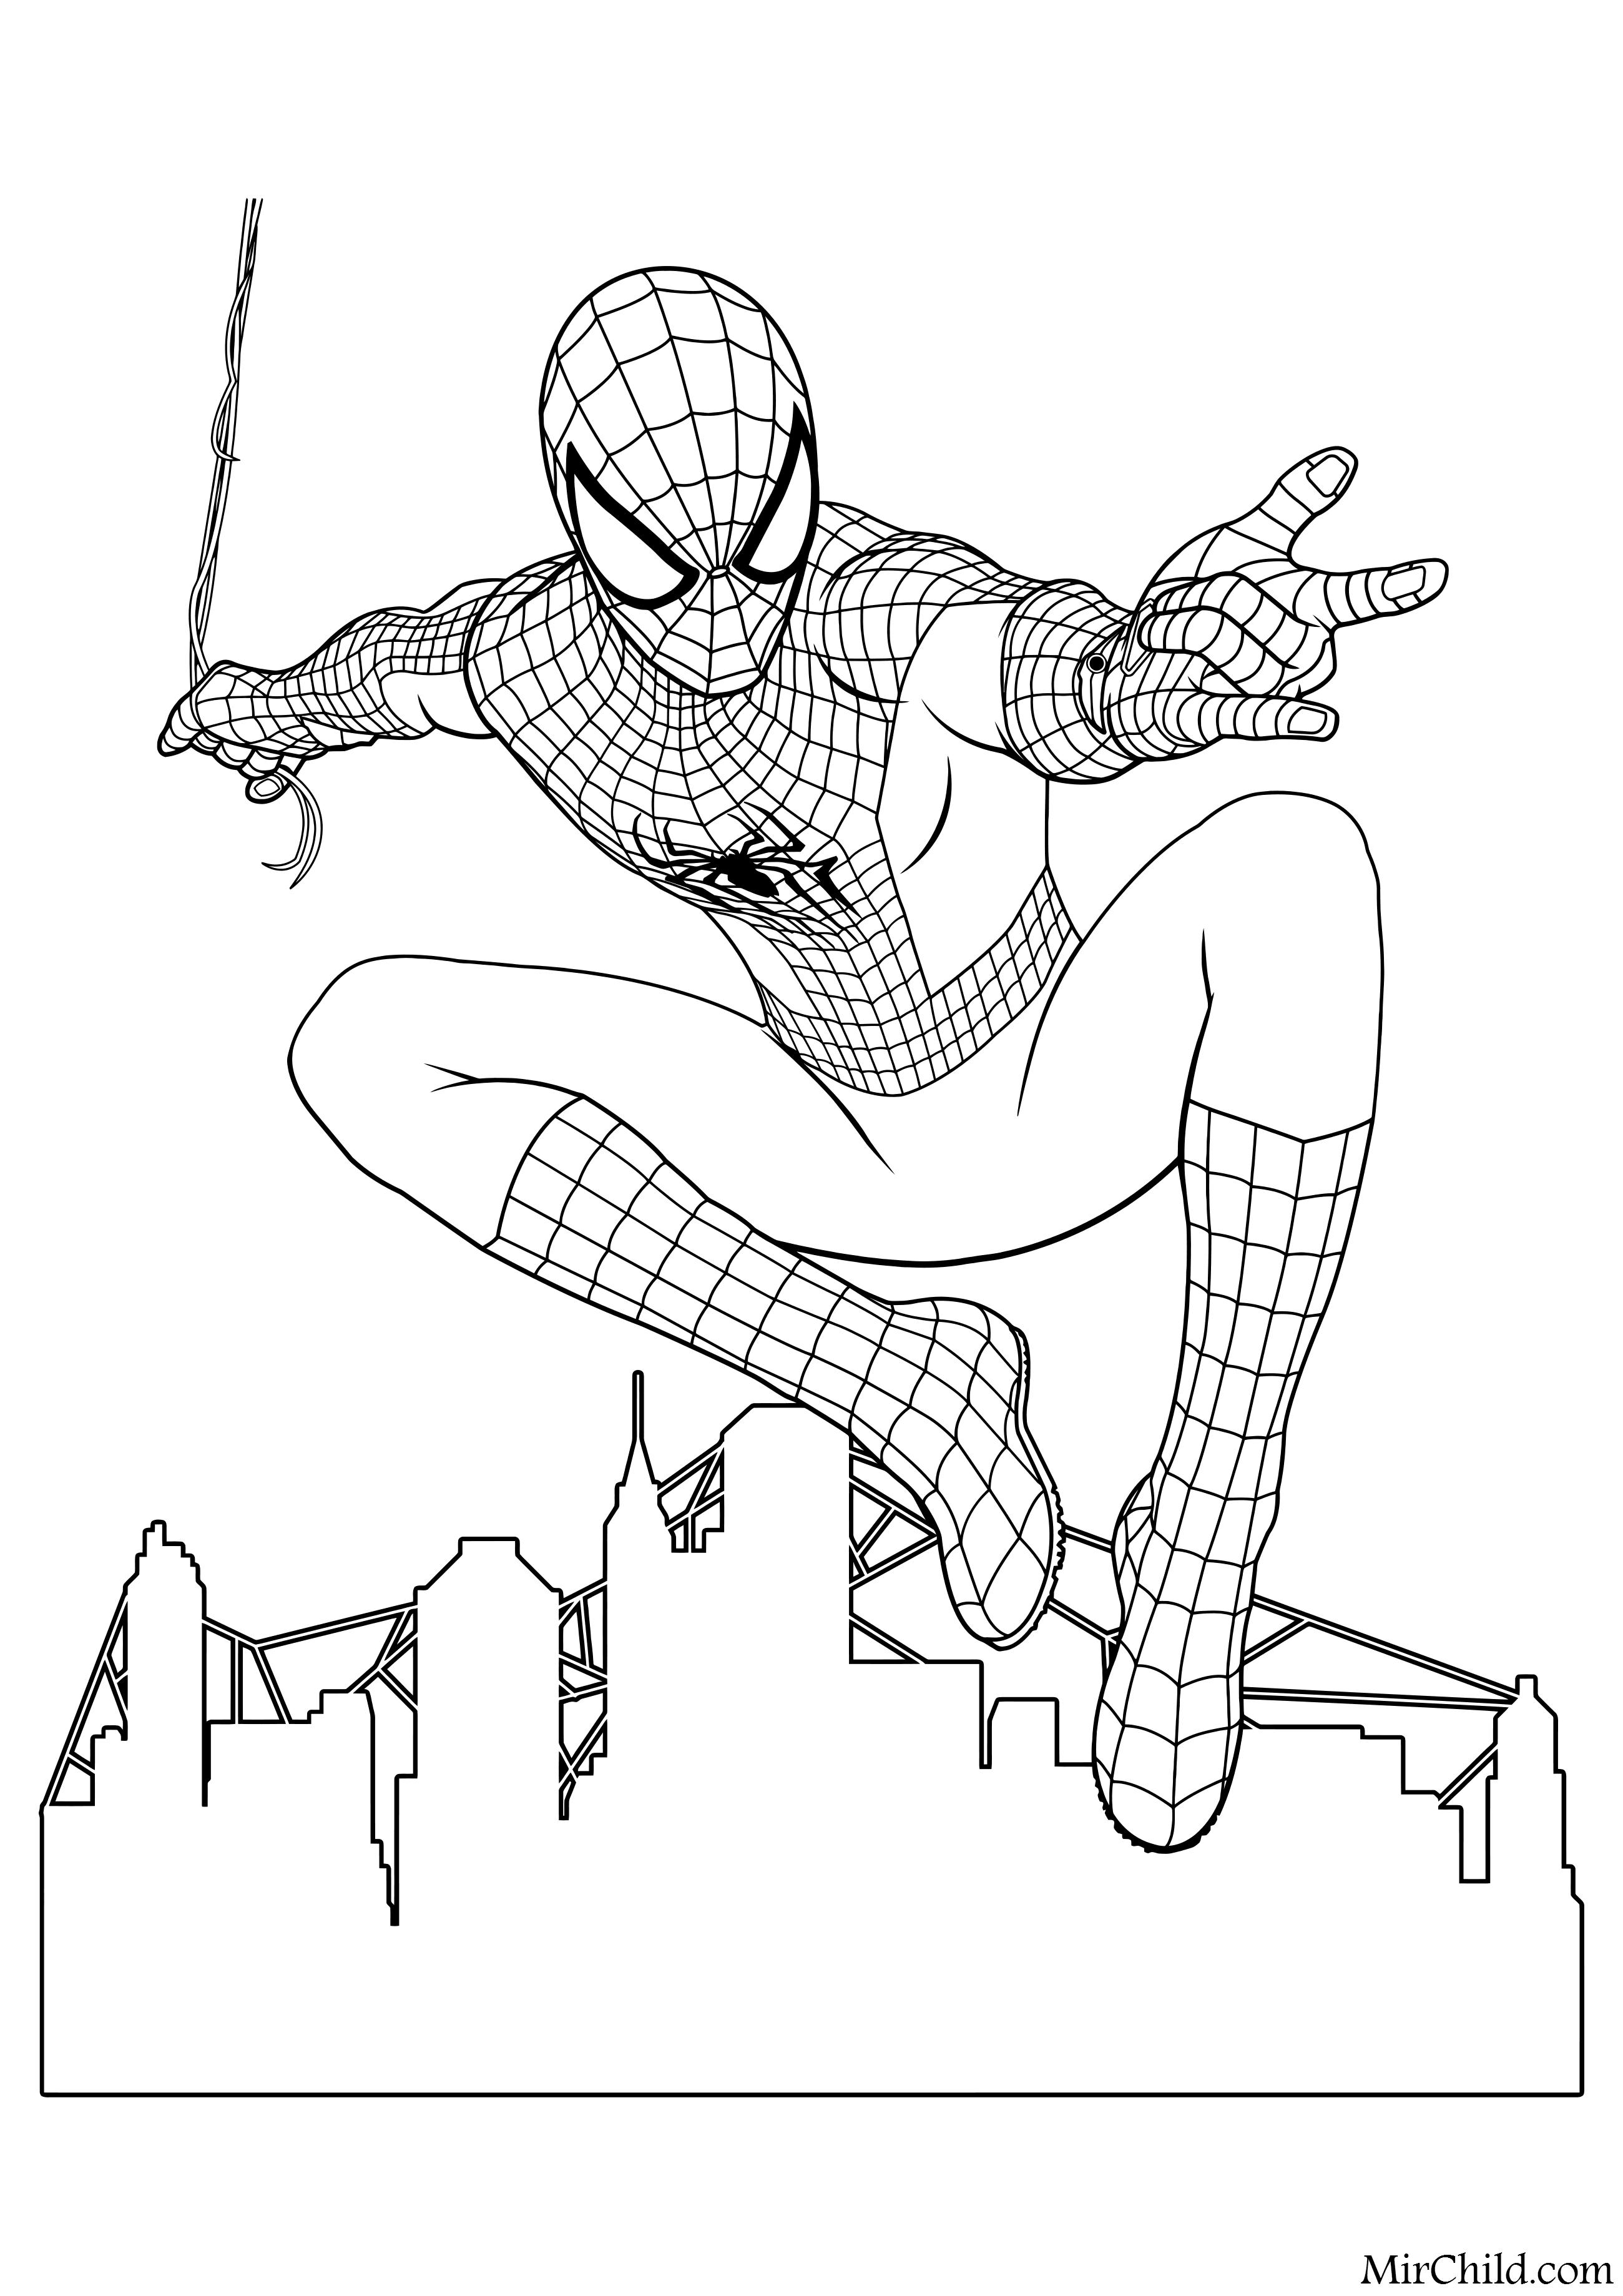 Раскраска - Совершенный Человек-паук - Человек-паук над ...